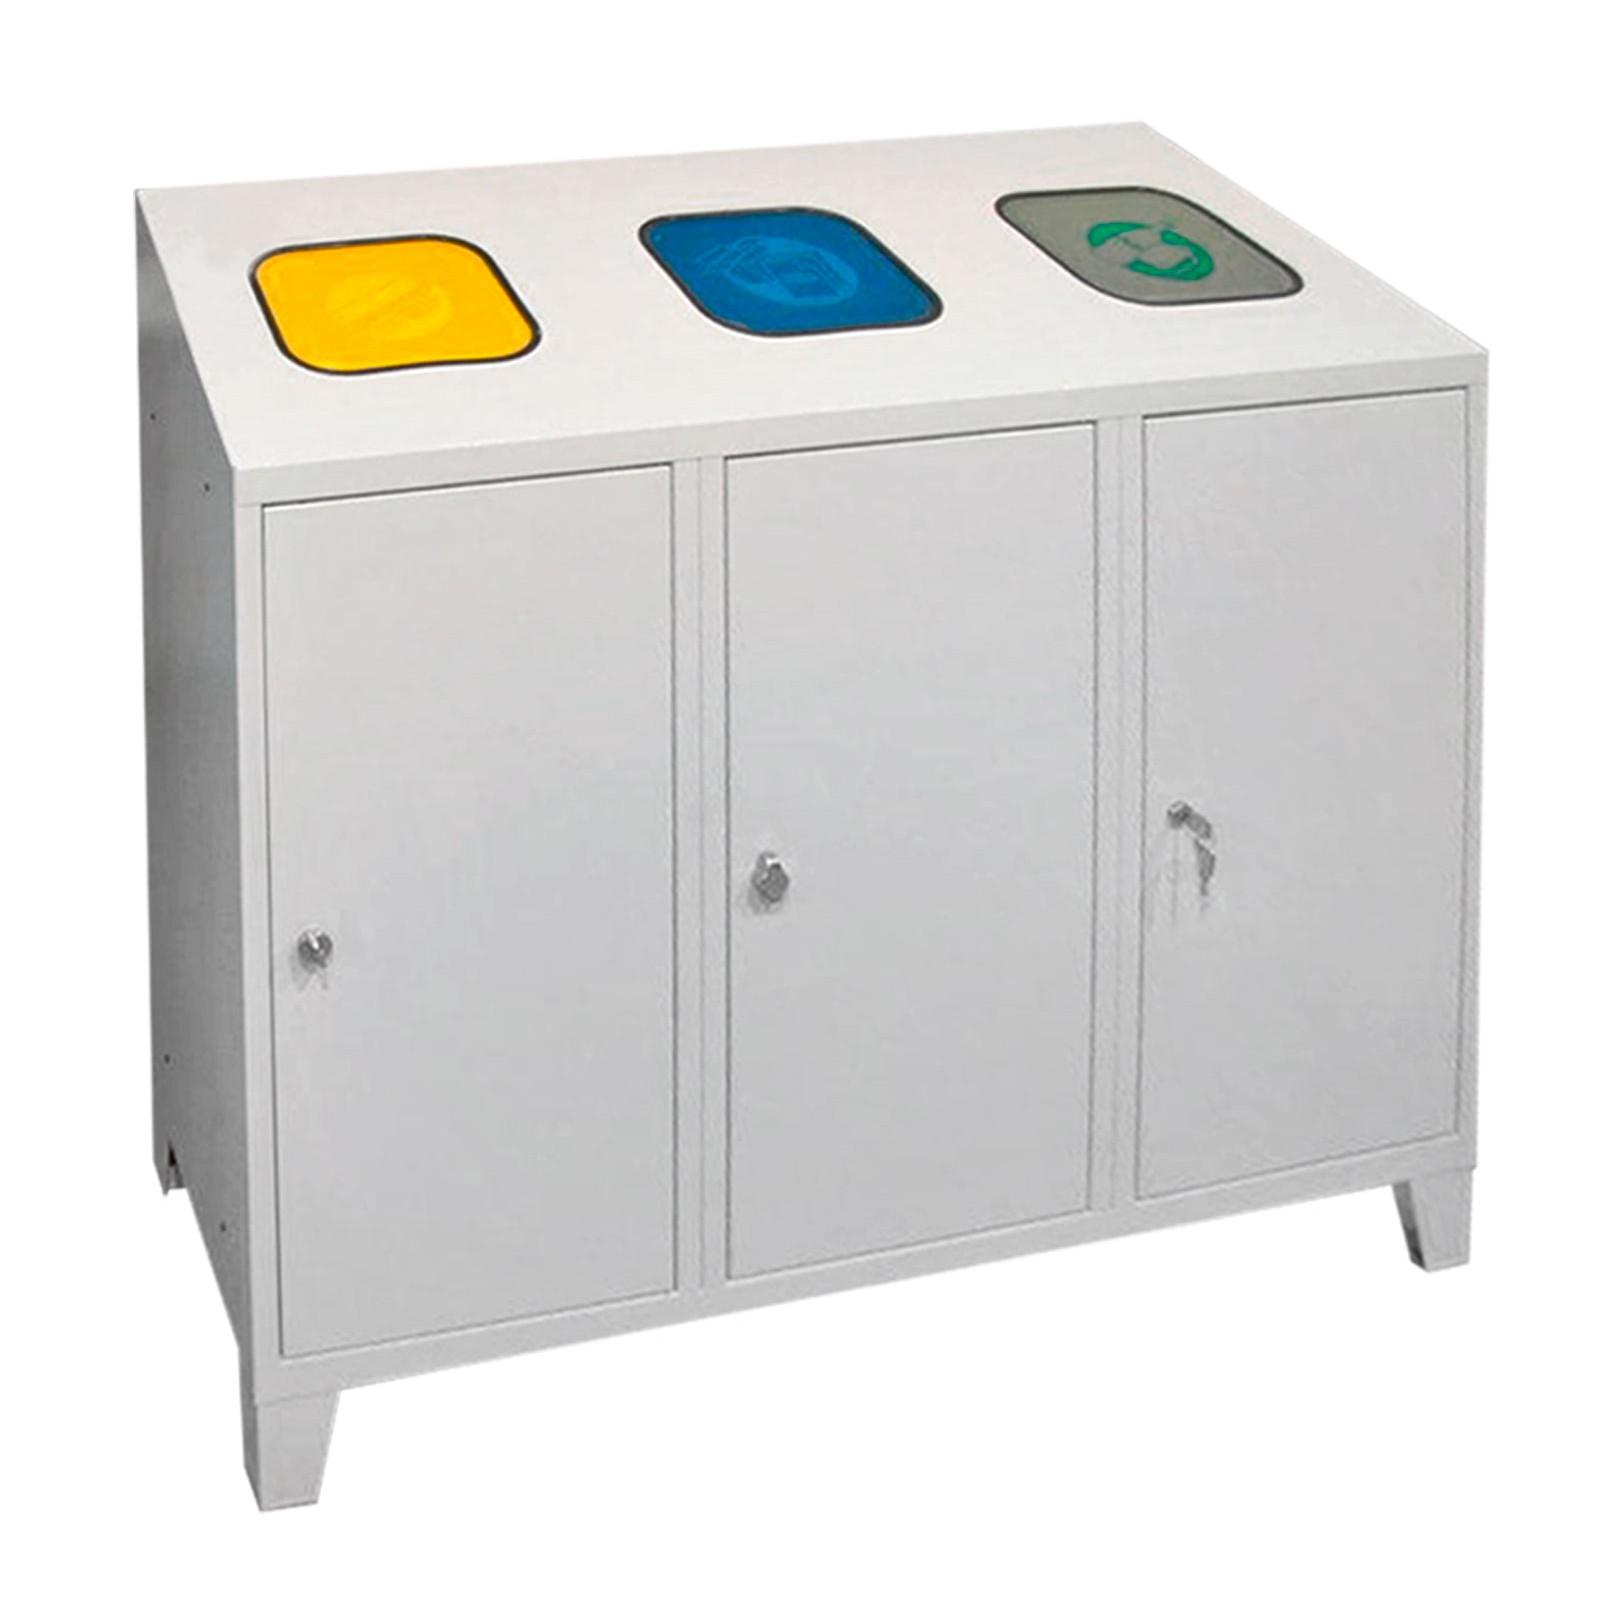 adb m lltrenner abfallsammler 1220x1200x450 mm 3x 120 l. Black Bedroom Furniture Sets. Home Design Ideas